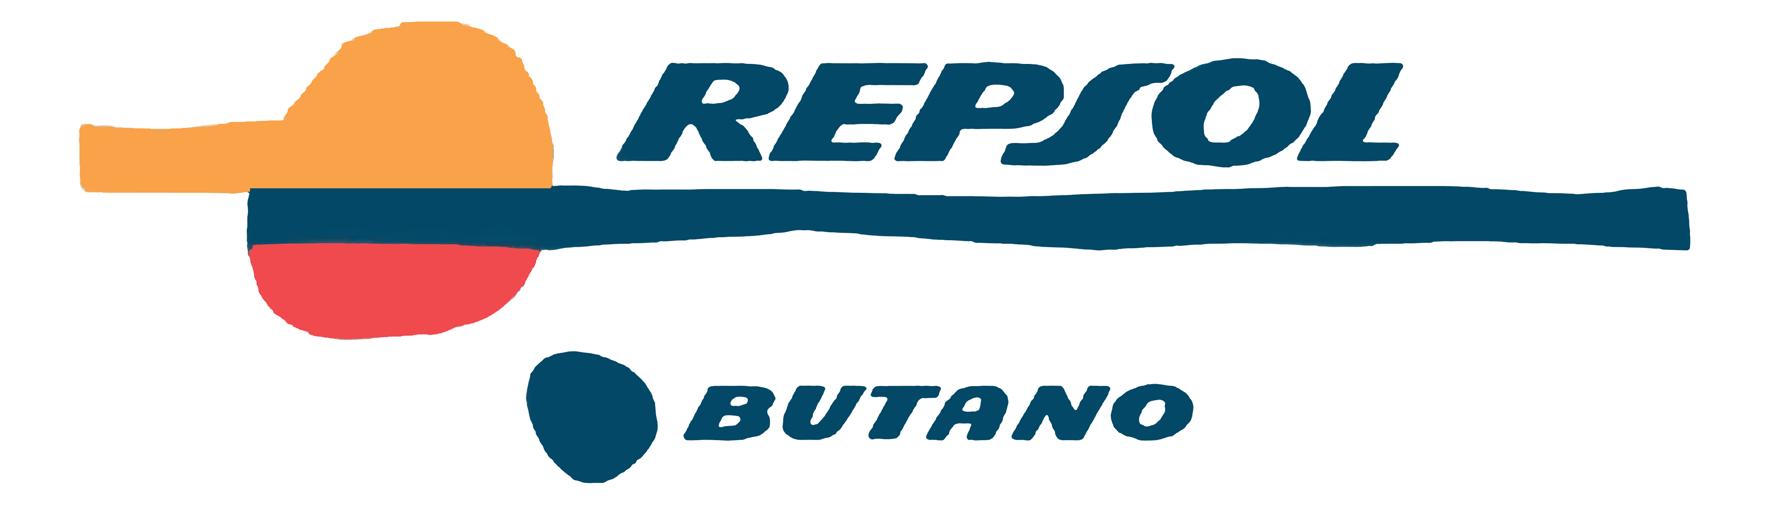 Instalador de gas autorizado en Villaviciosa de Odon para instalaciones de gas Repsol butano.